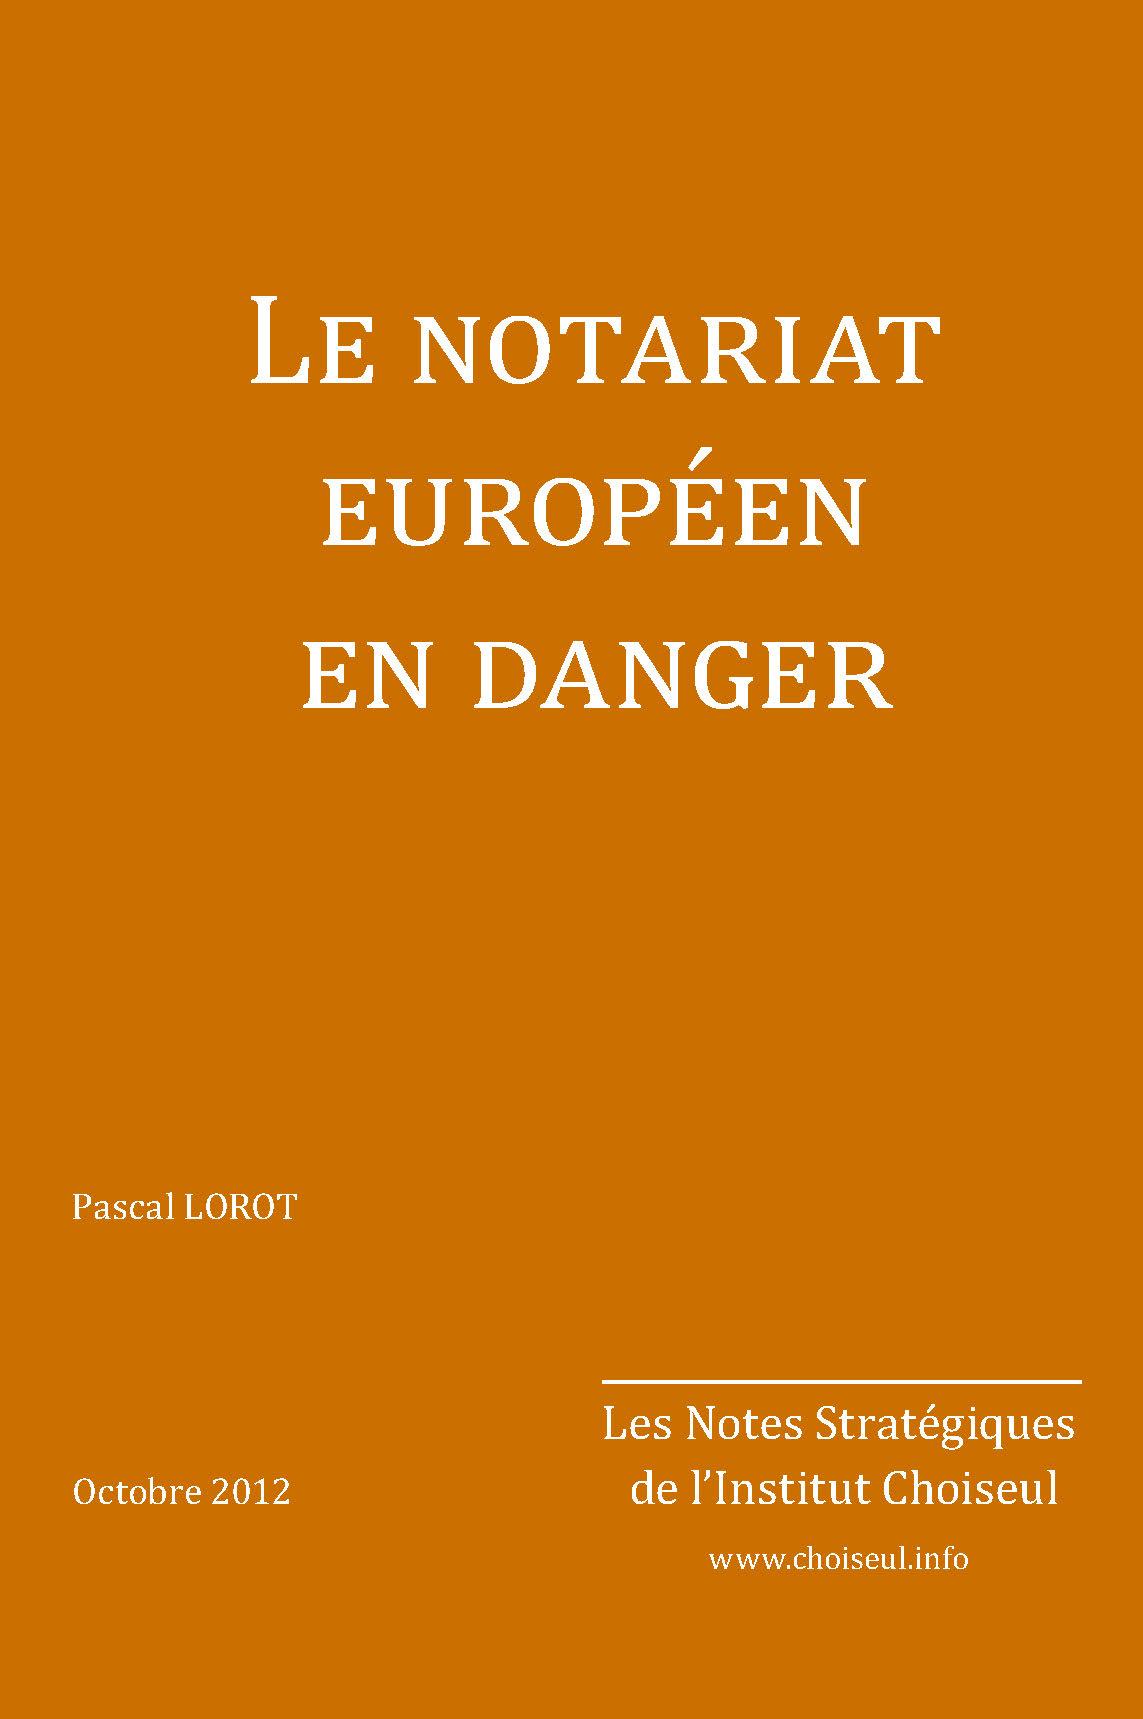 Le notariat européen en danger